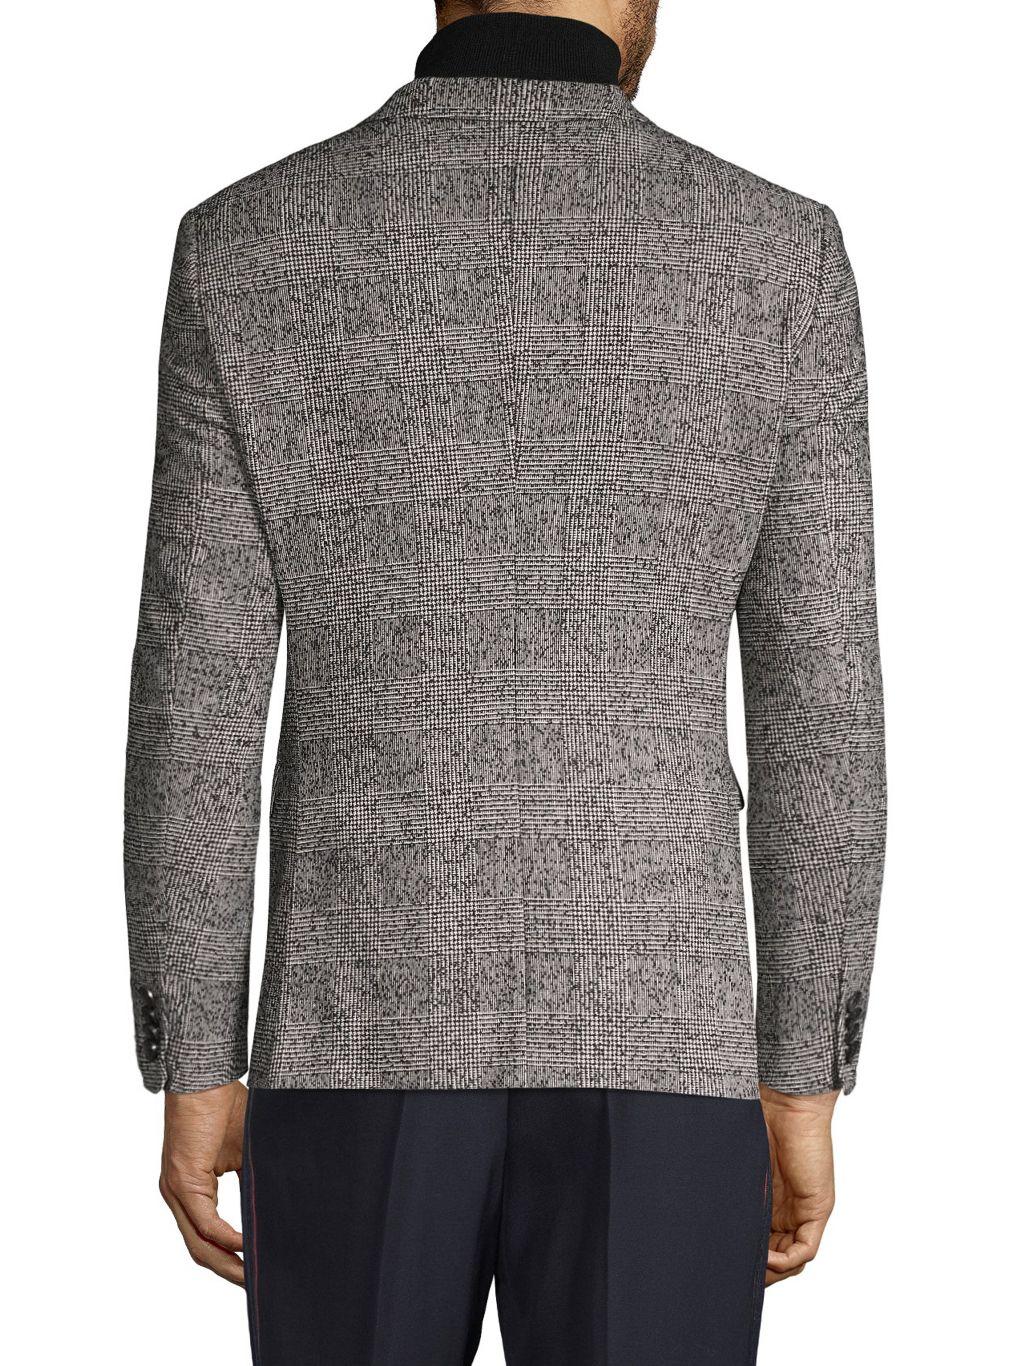 Boss Hugo Boss Standard-Fit Patterned Sportcoat